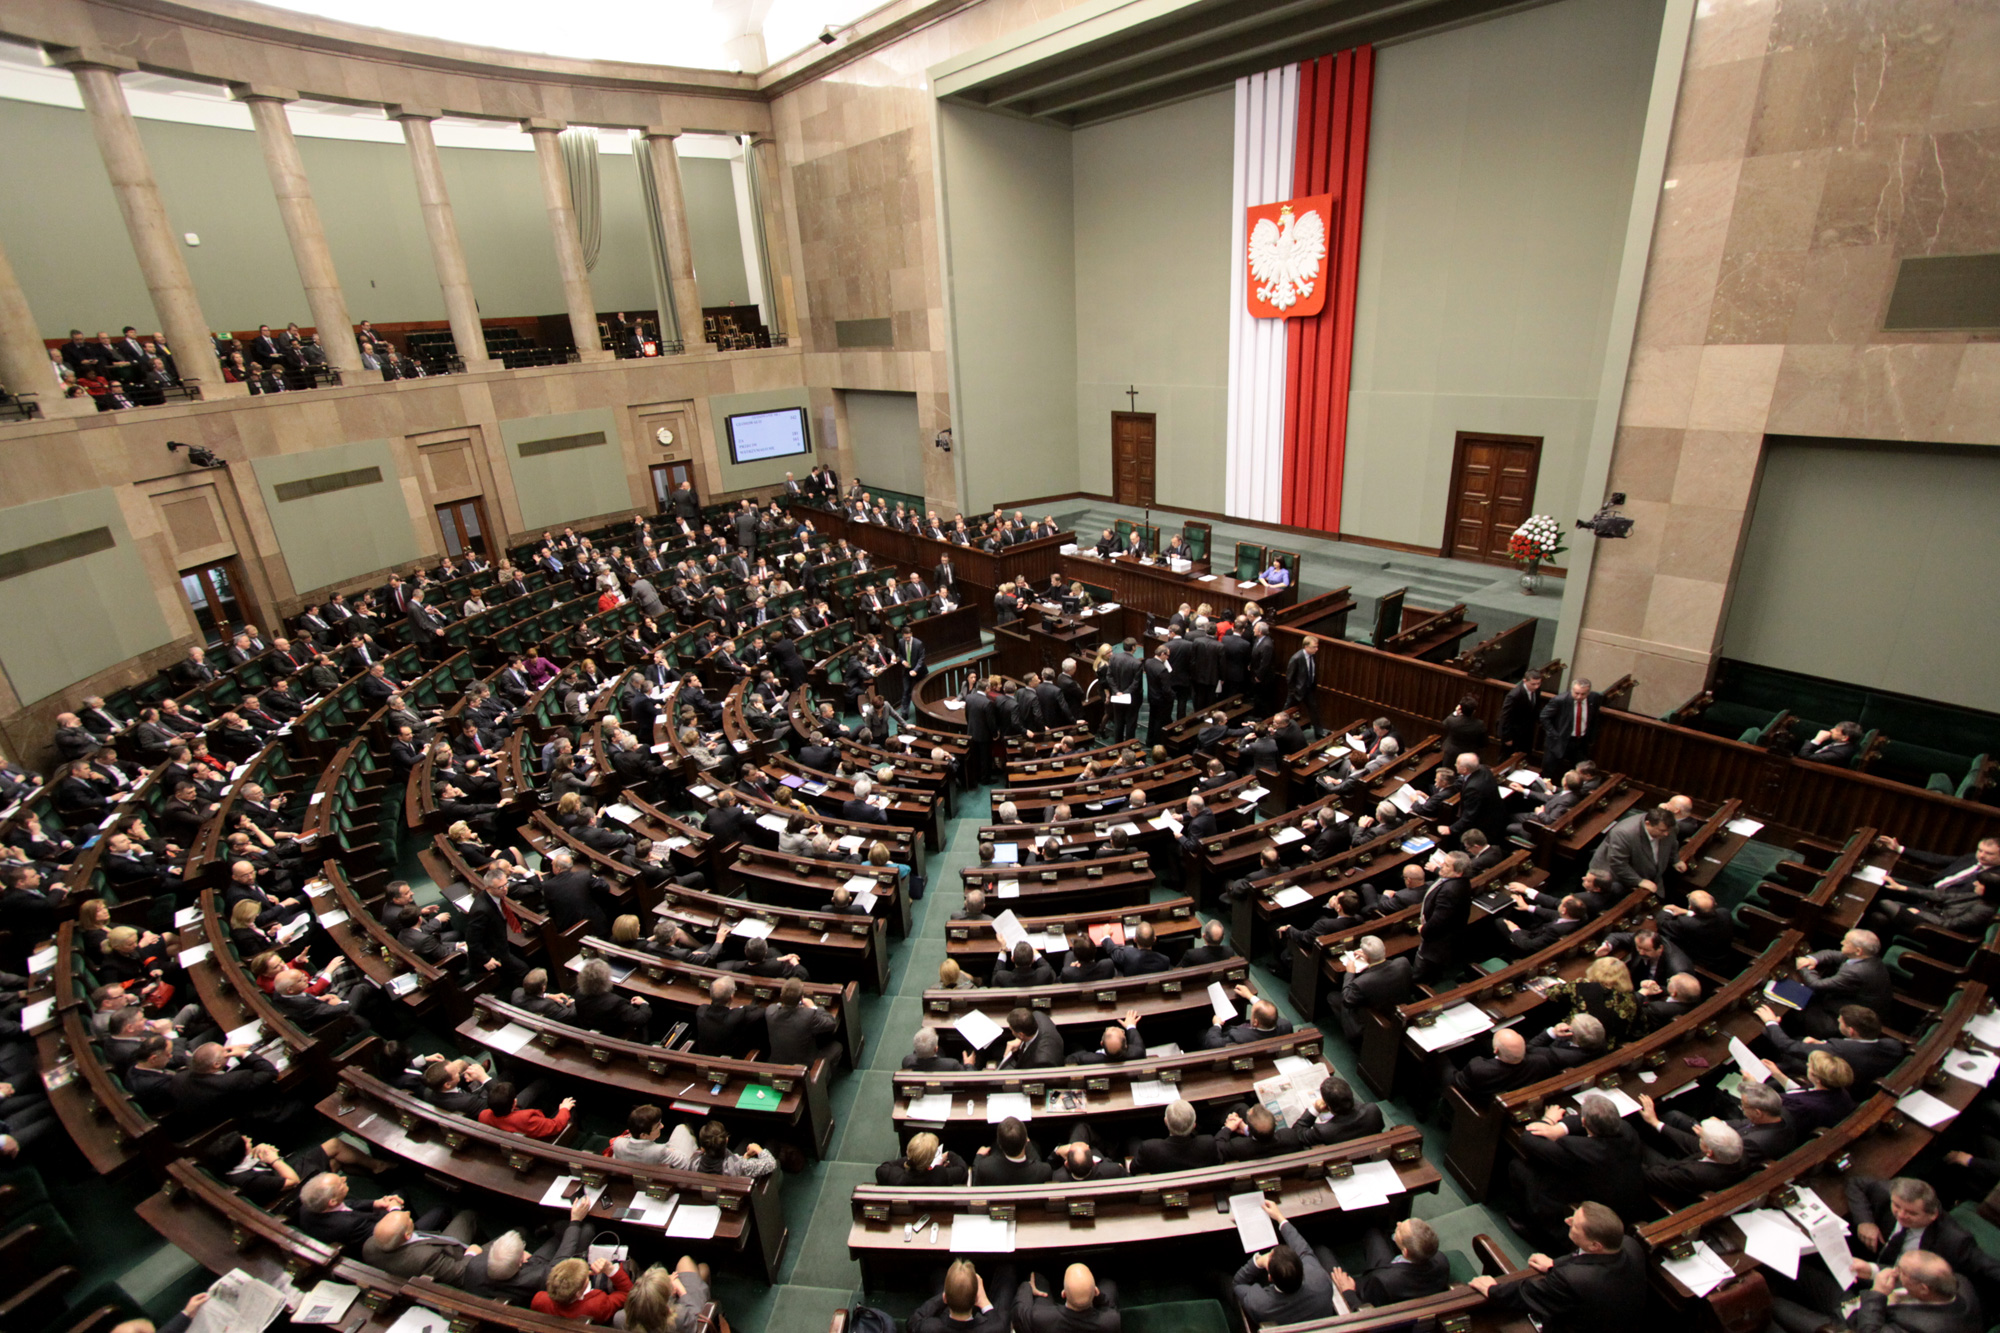 Transmisja on-line z Sejmu z sympozjum poświęconego ks. Blachnickiemu